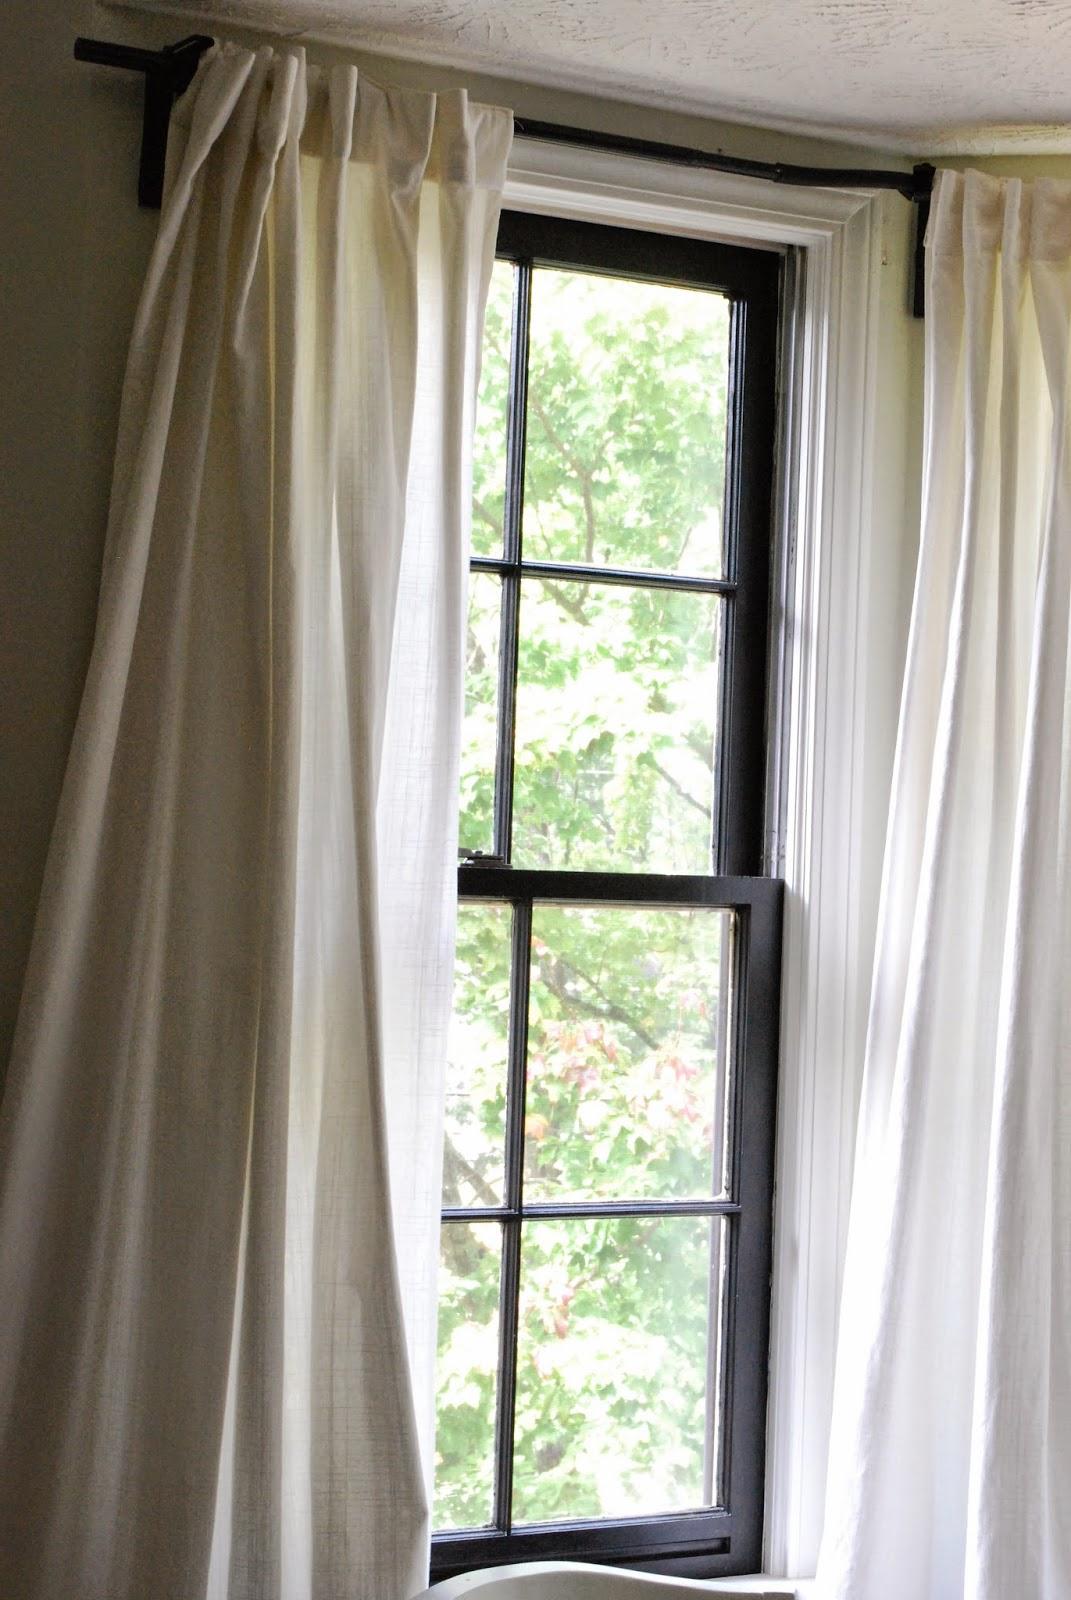 rods org bay rod curtain wrap ideas around window catkin